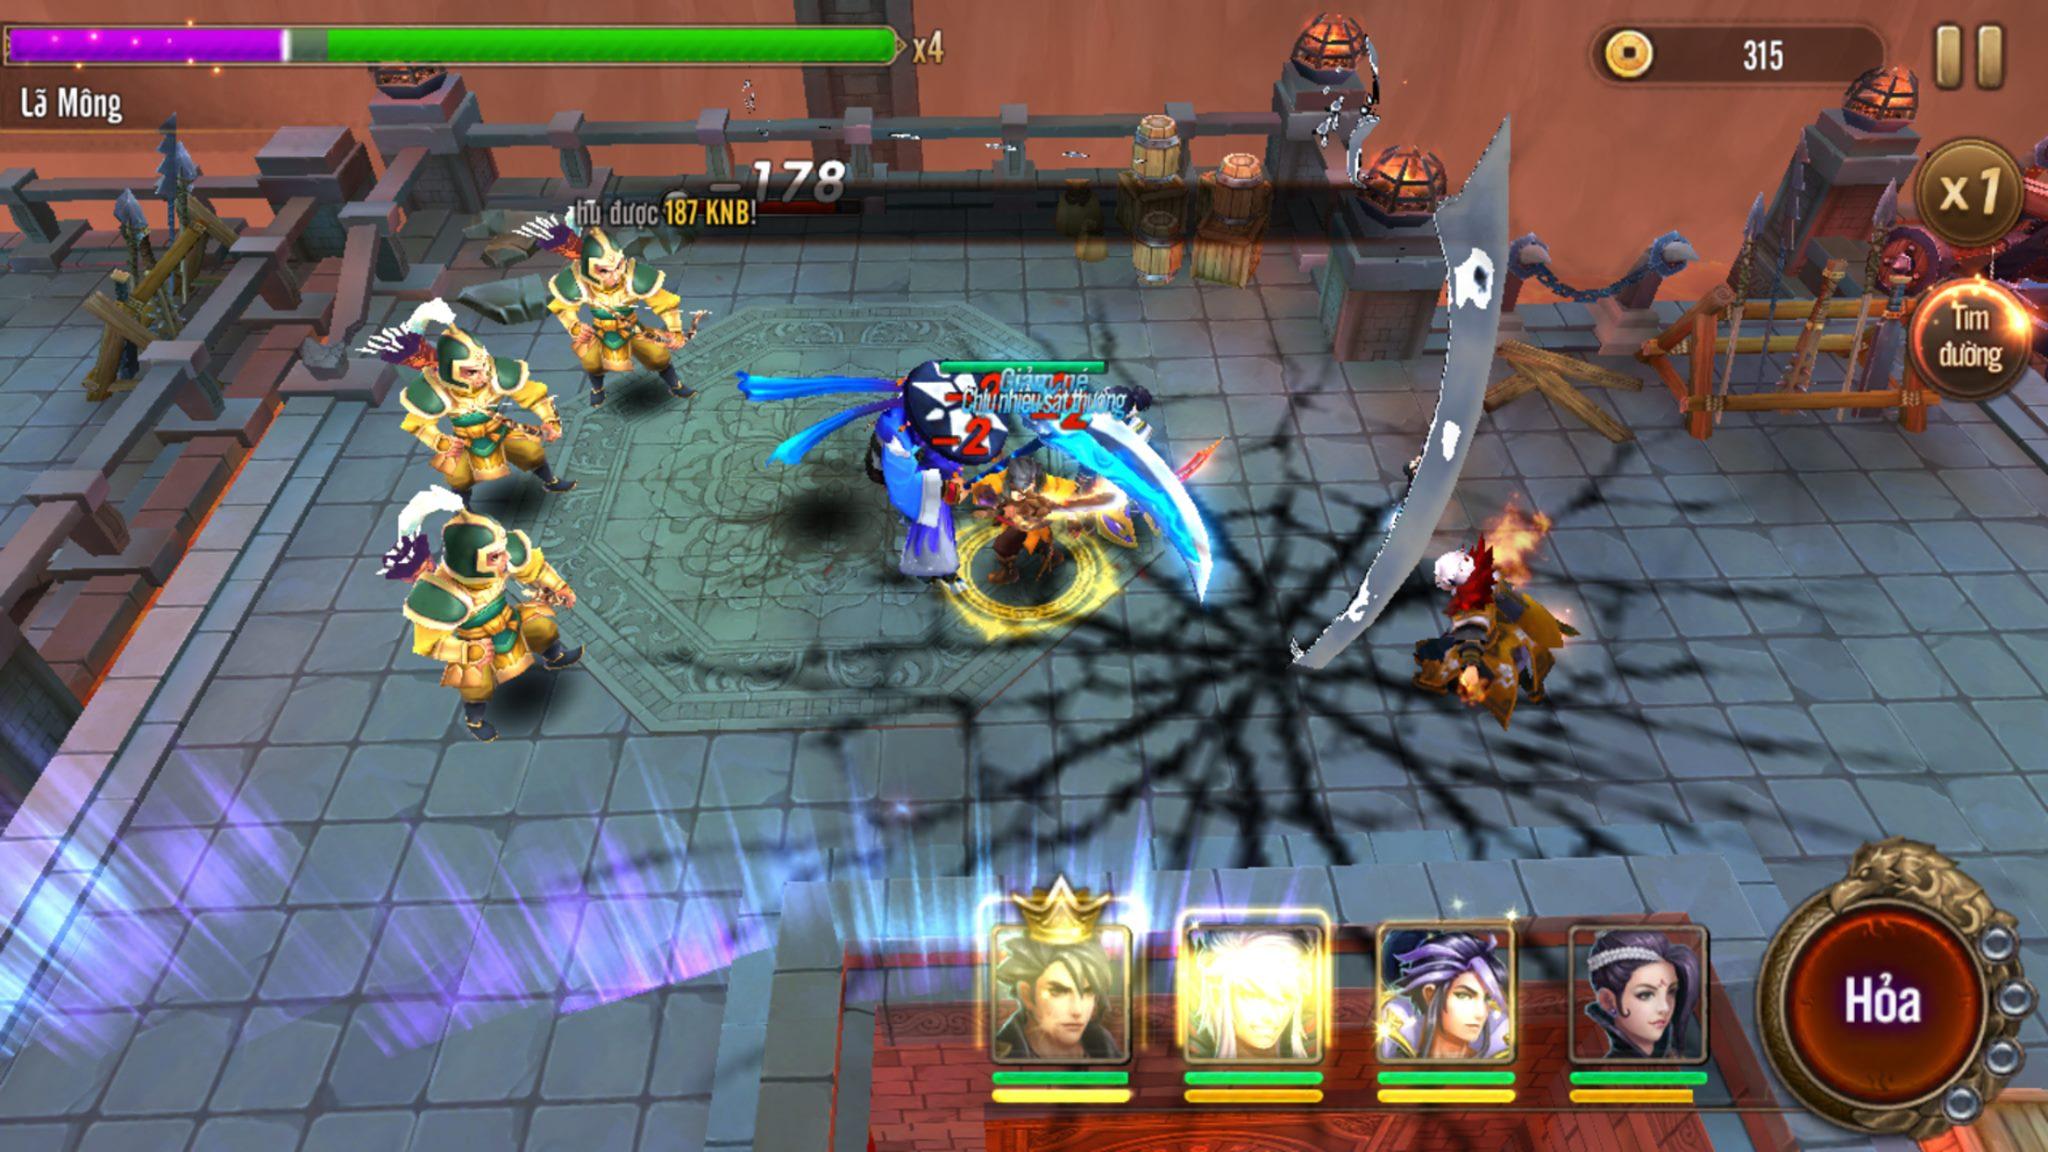 Mộng Hải Tặc Mobile game mobile siêu hot top 10 trong tháng Top-game-thang-10-5